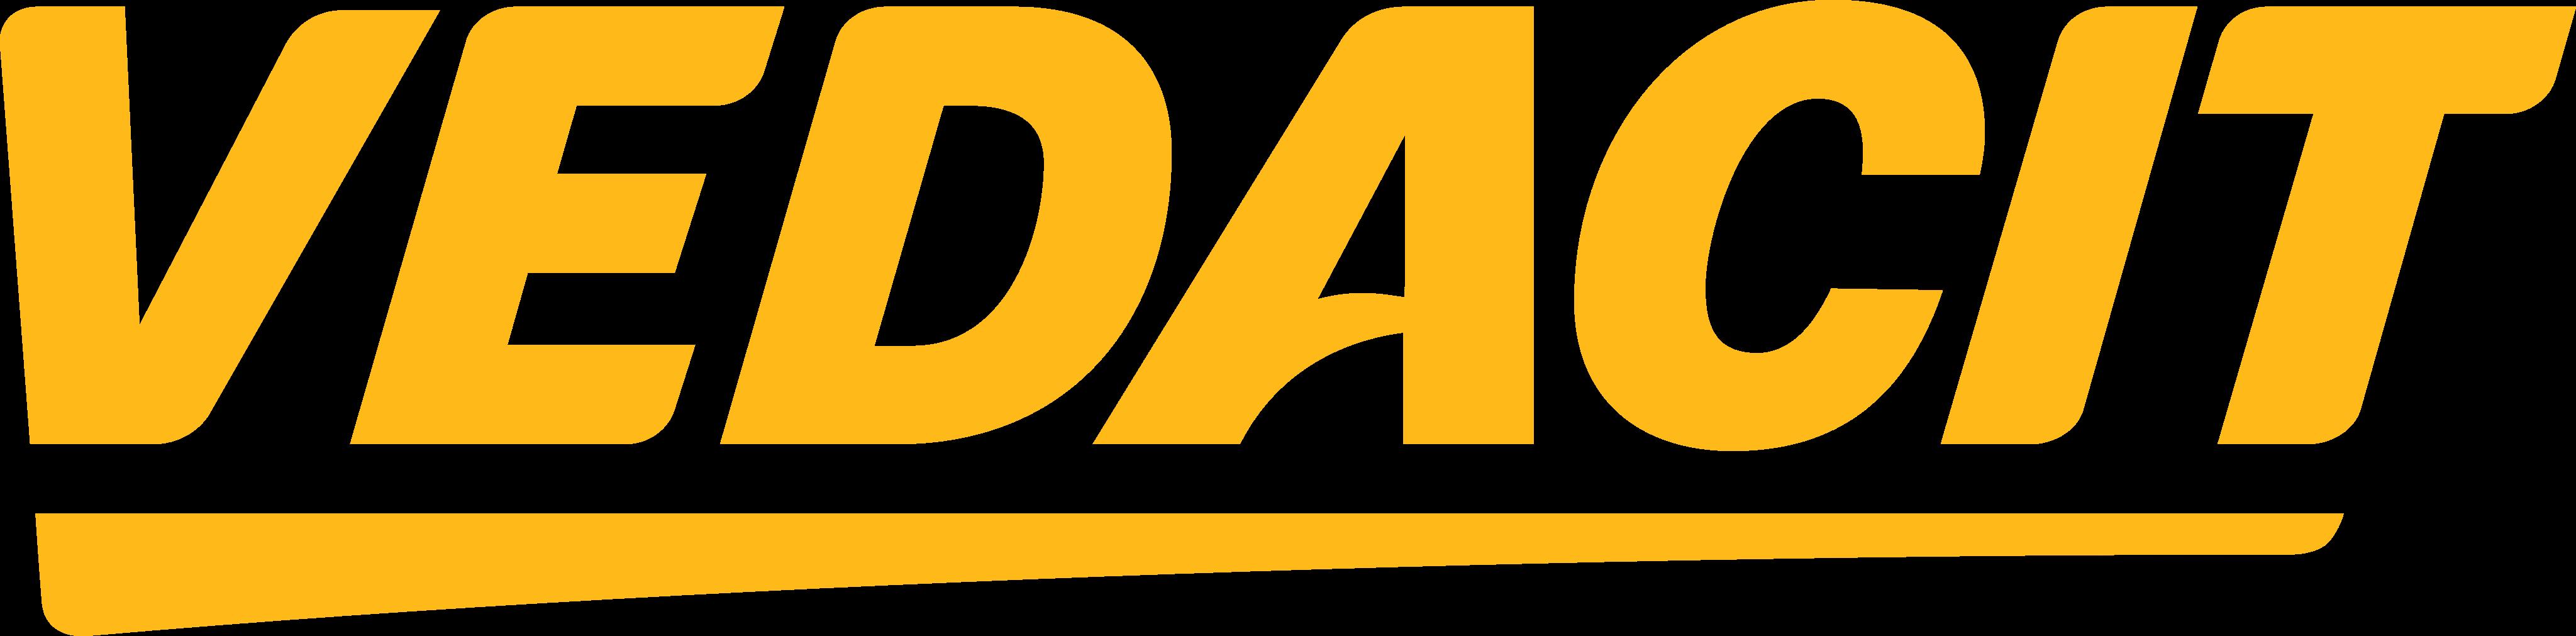 vedacit logo 1 - Vedacit Logo